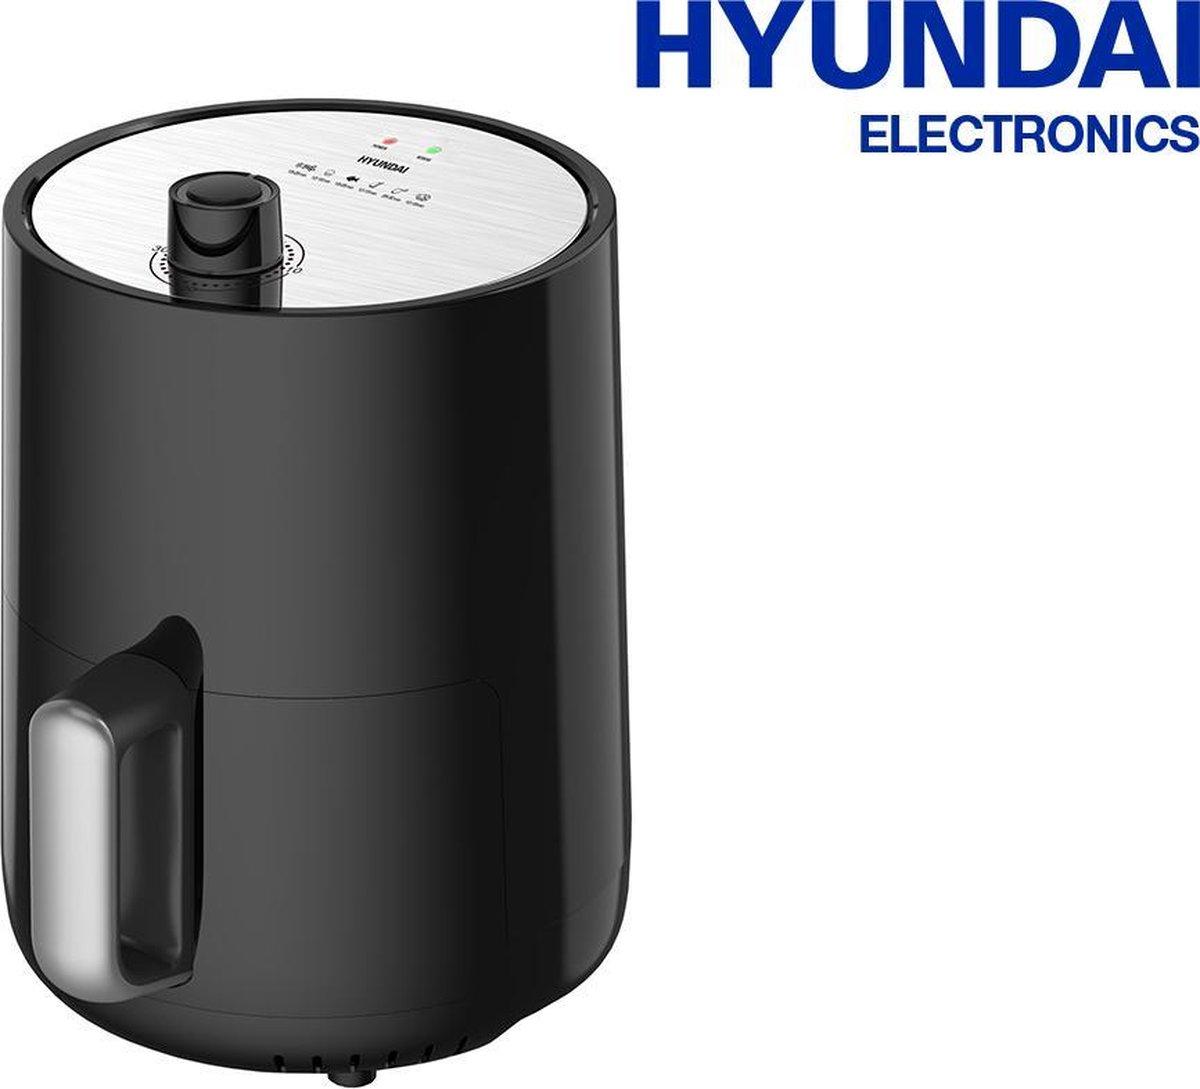 HYUNDAI - 1.8 liter - Hetelucht friteuse